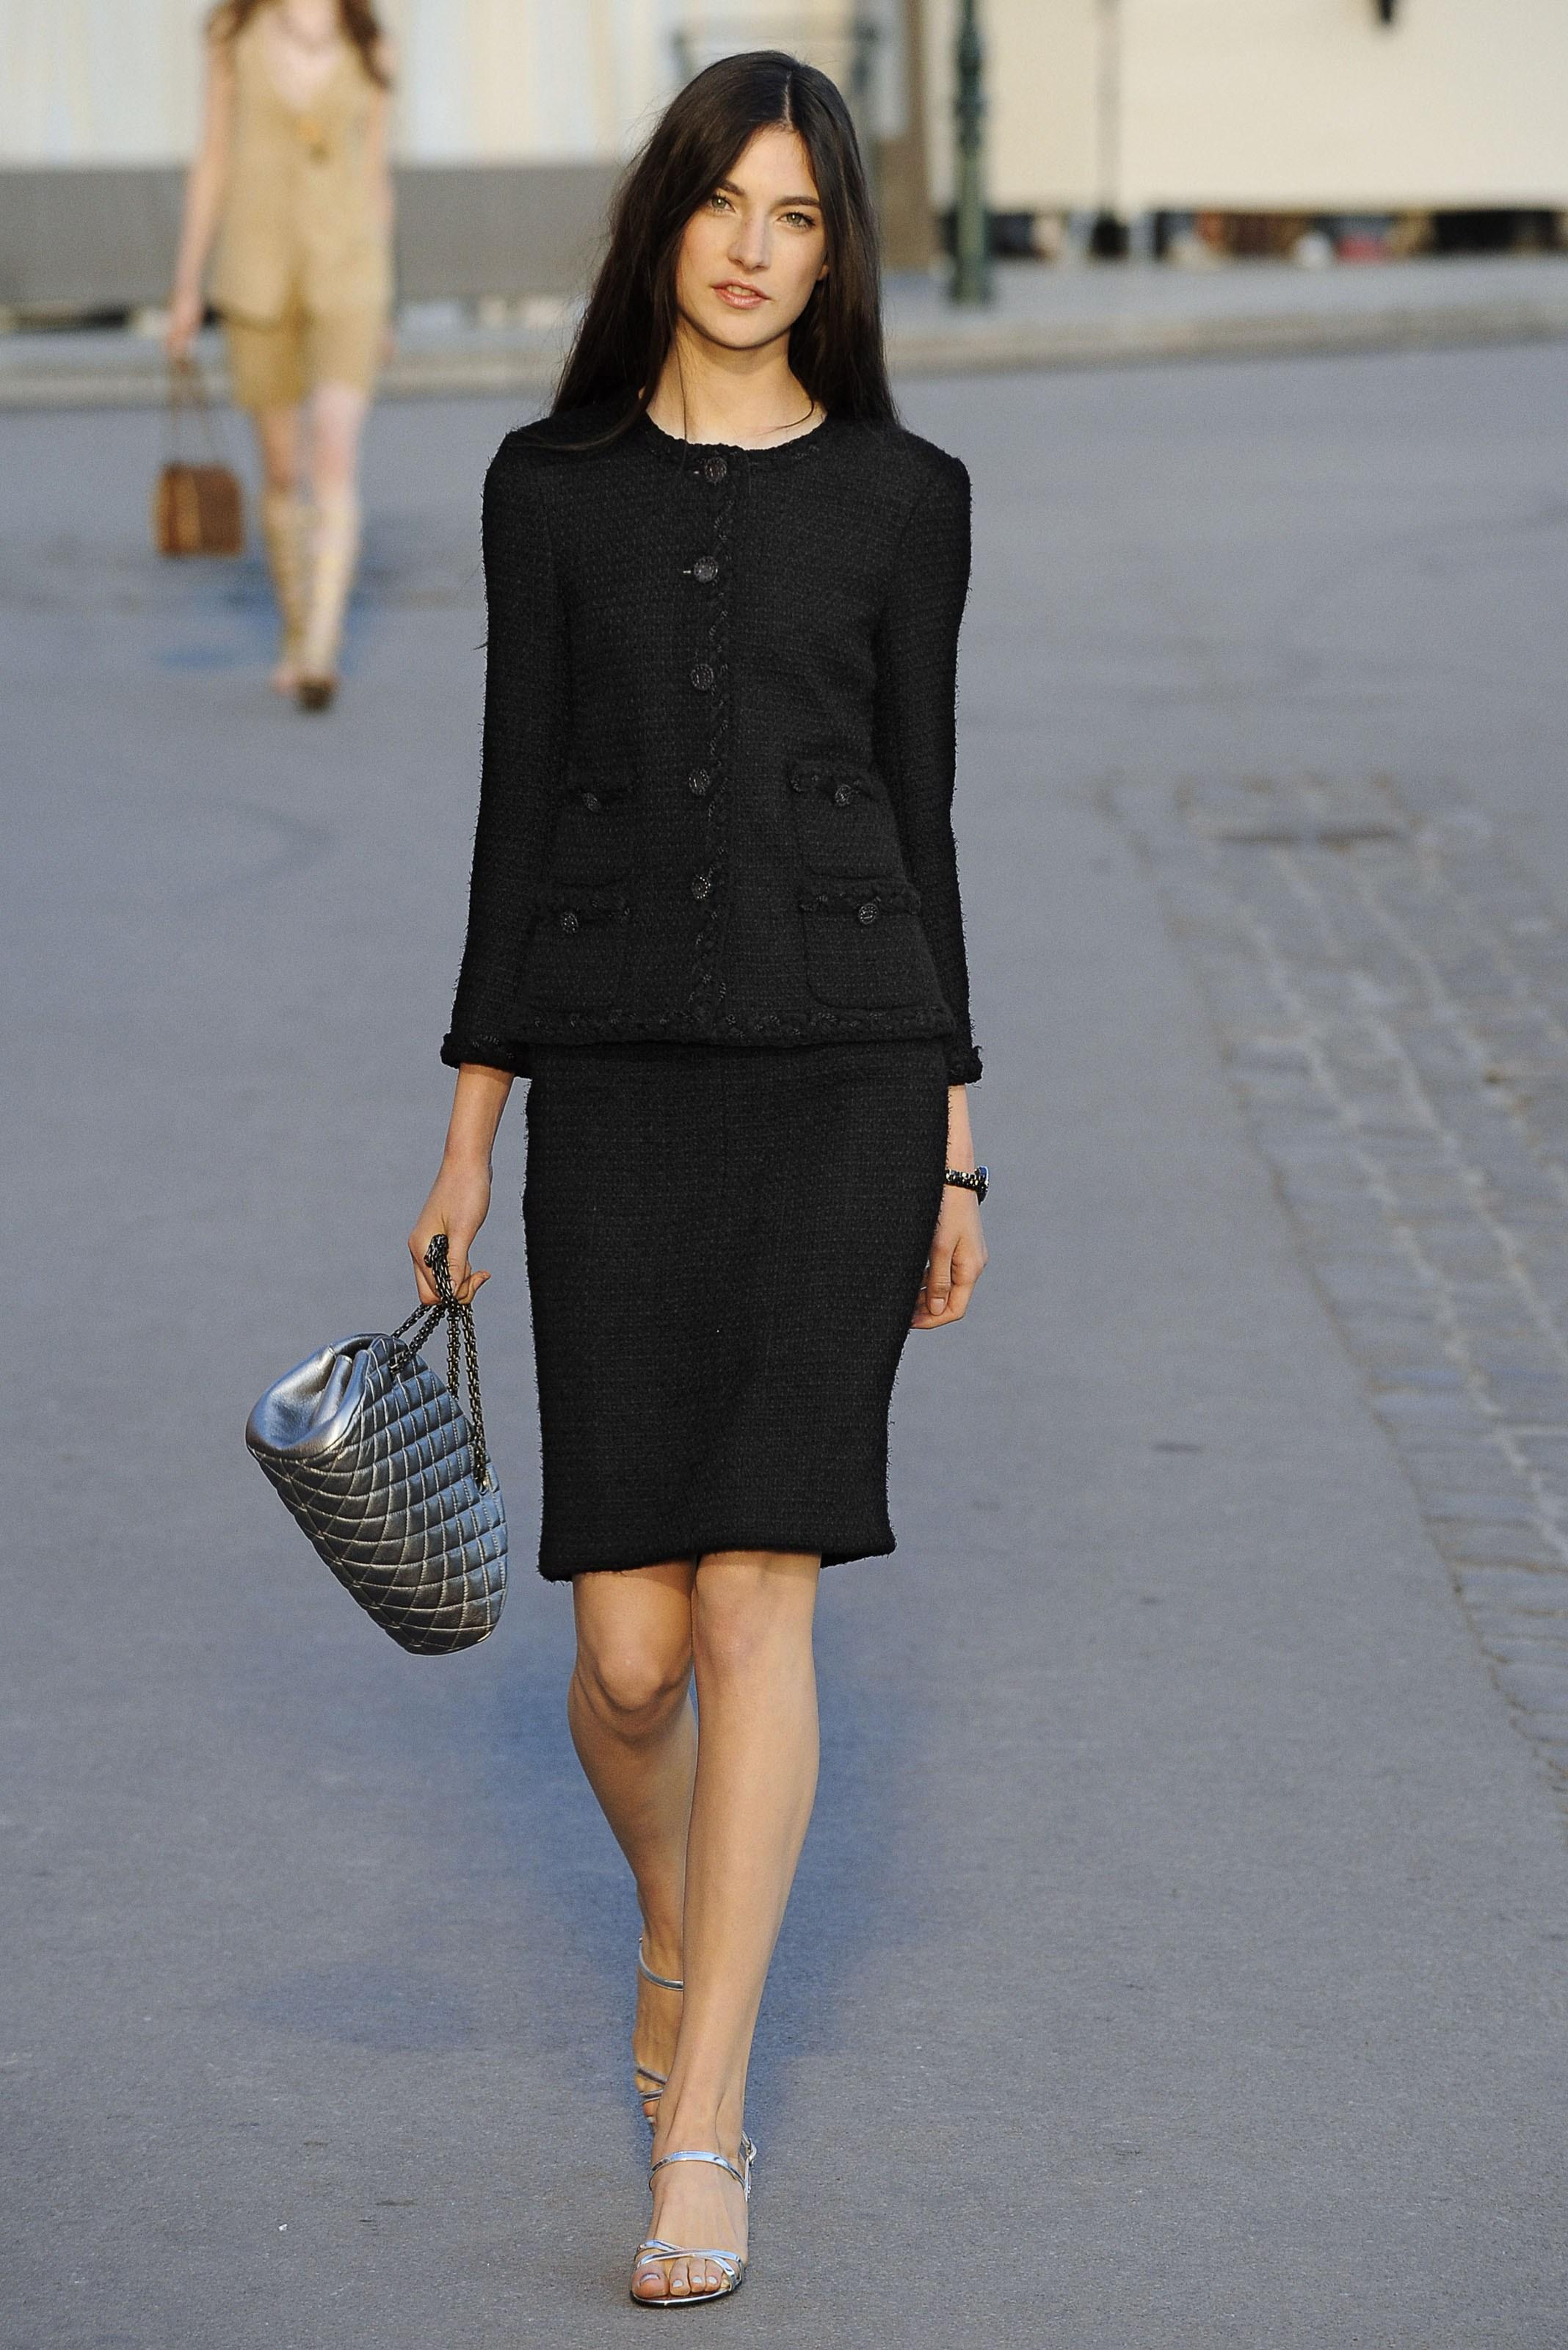 ec4b7a631f2e Как подобрать стиль шанель в одежде. Костюмы в стиле коко шанель.